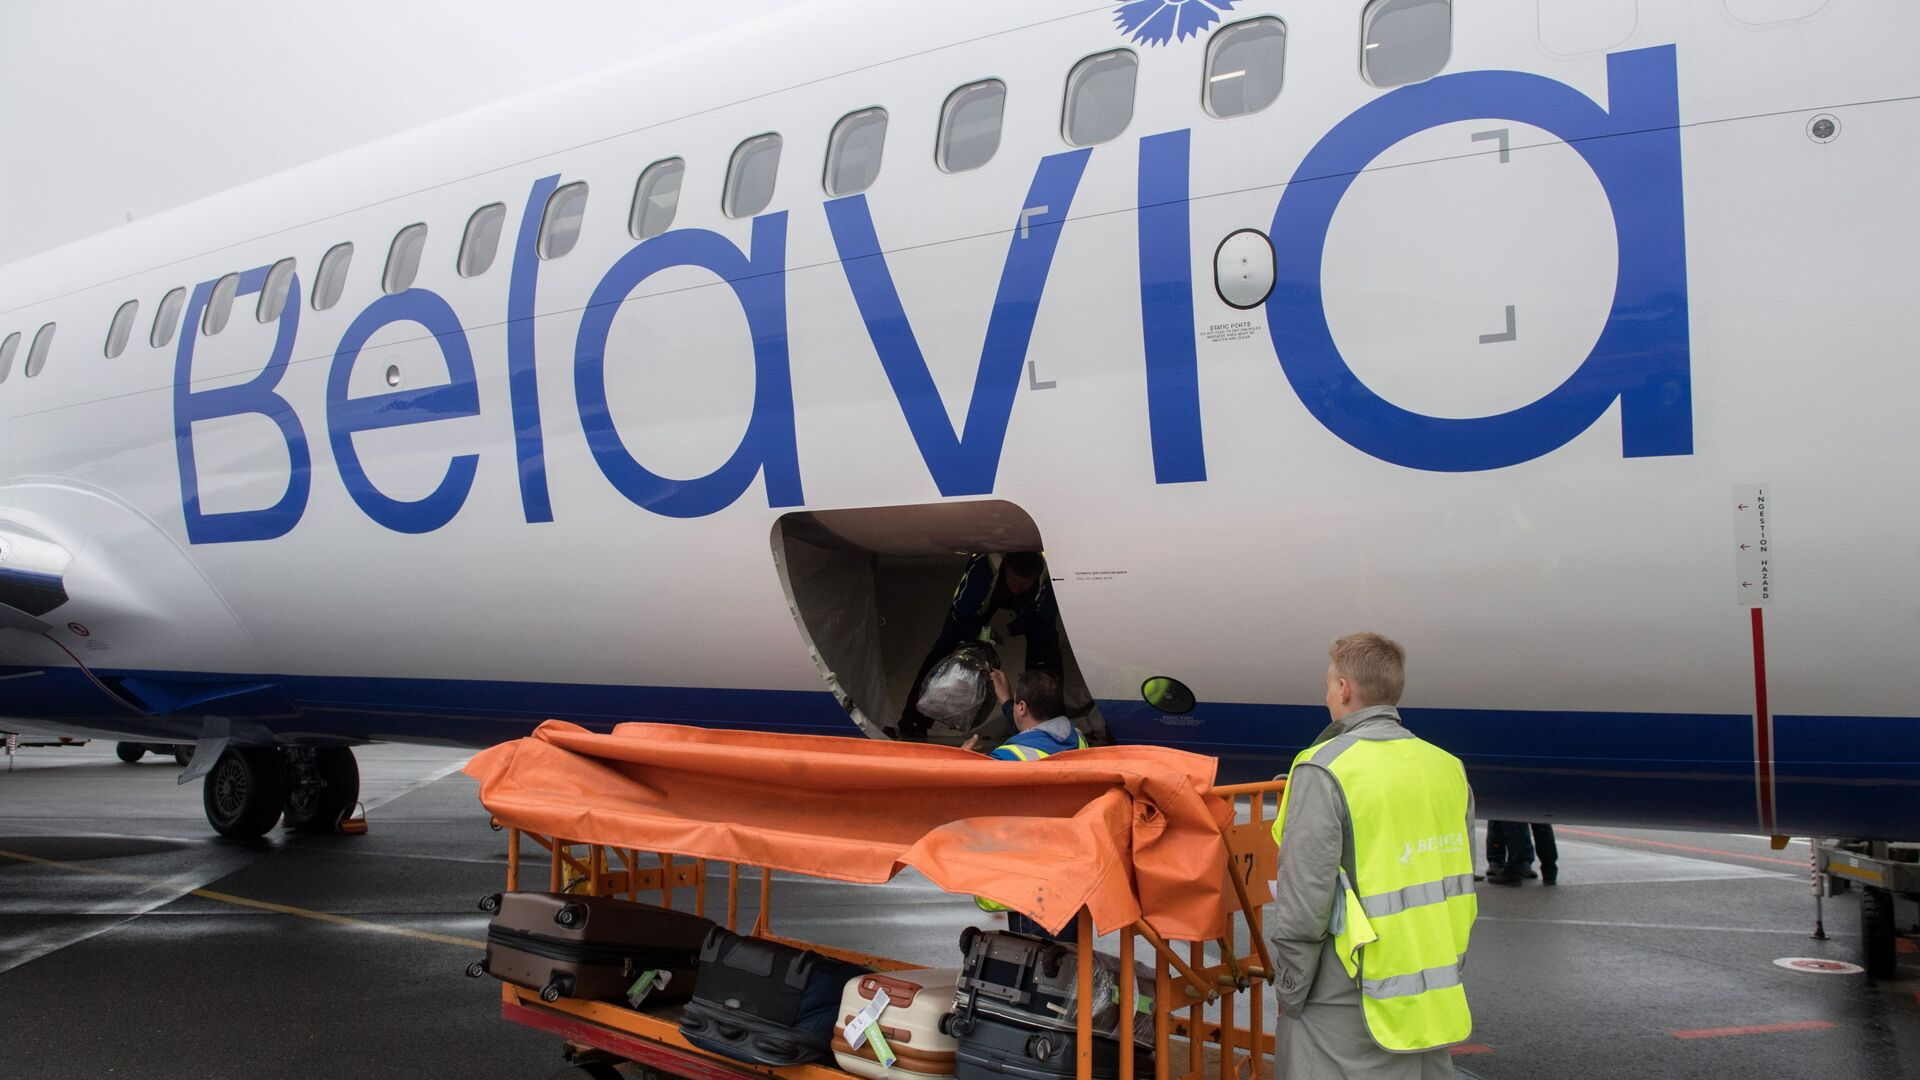 Загрузка чемоданов пассажиров в багажный отсек самолета белорусской авиакомпании Белавиа - Sputnik Беларусь, 1920, 08.10.2021